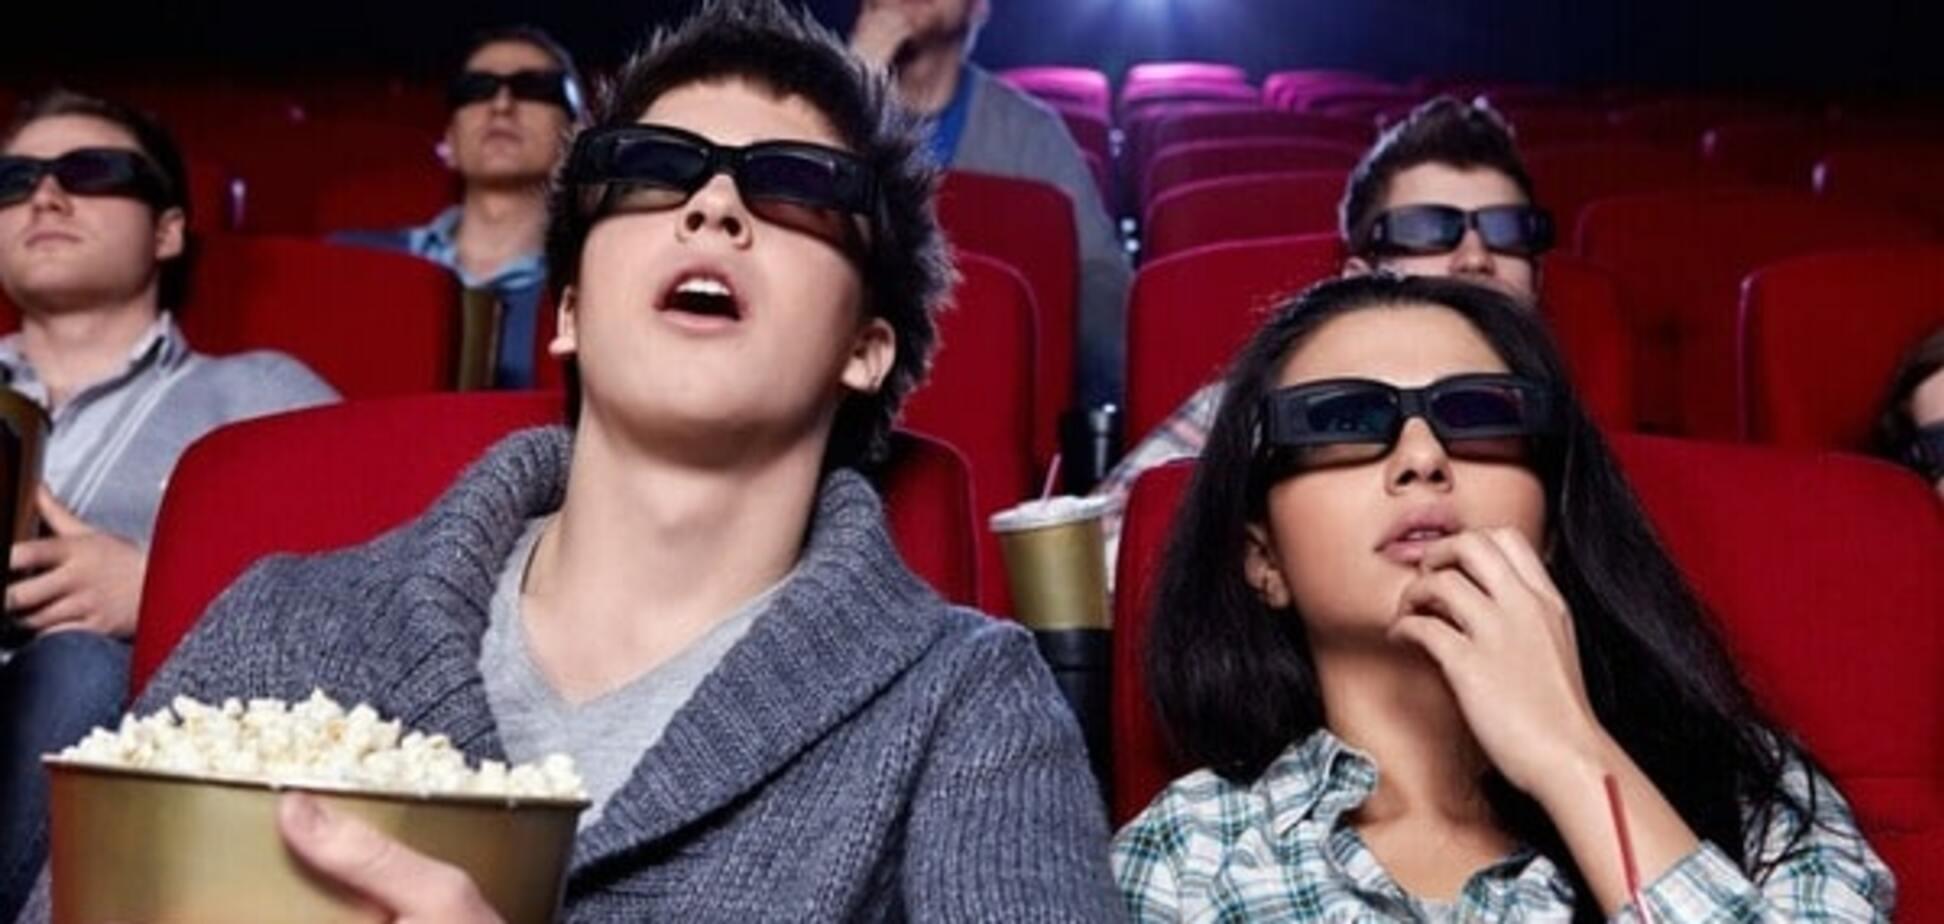 Кино по-новому: 7 украинских фильмов, которые нельзя пропустить